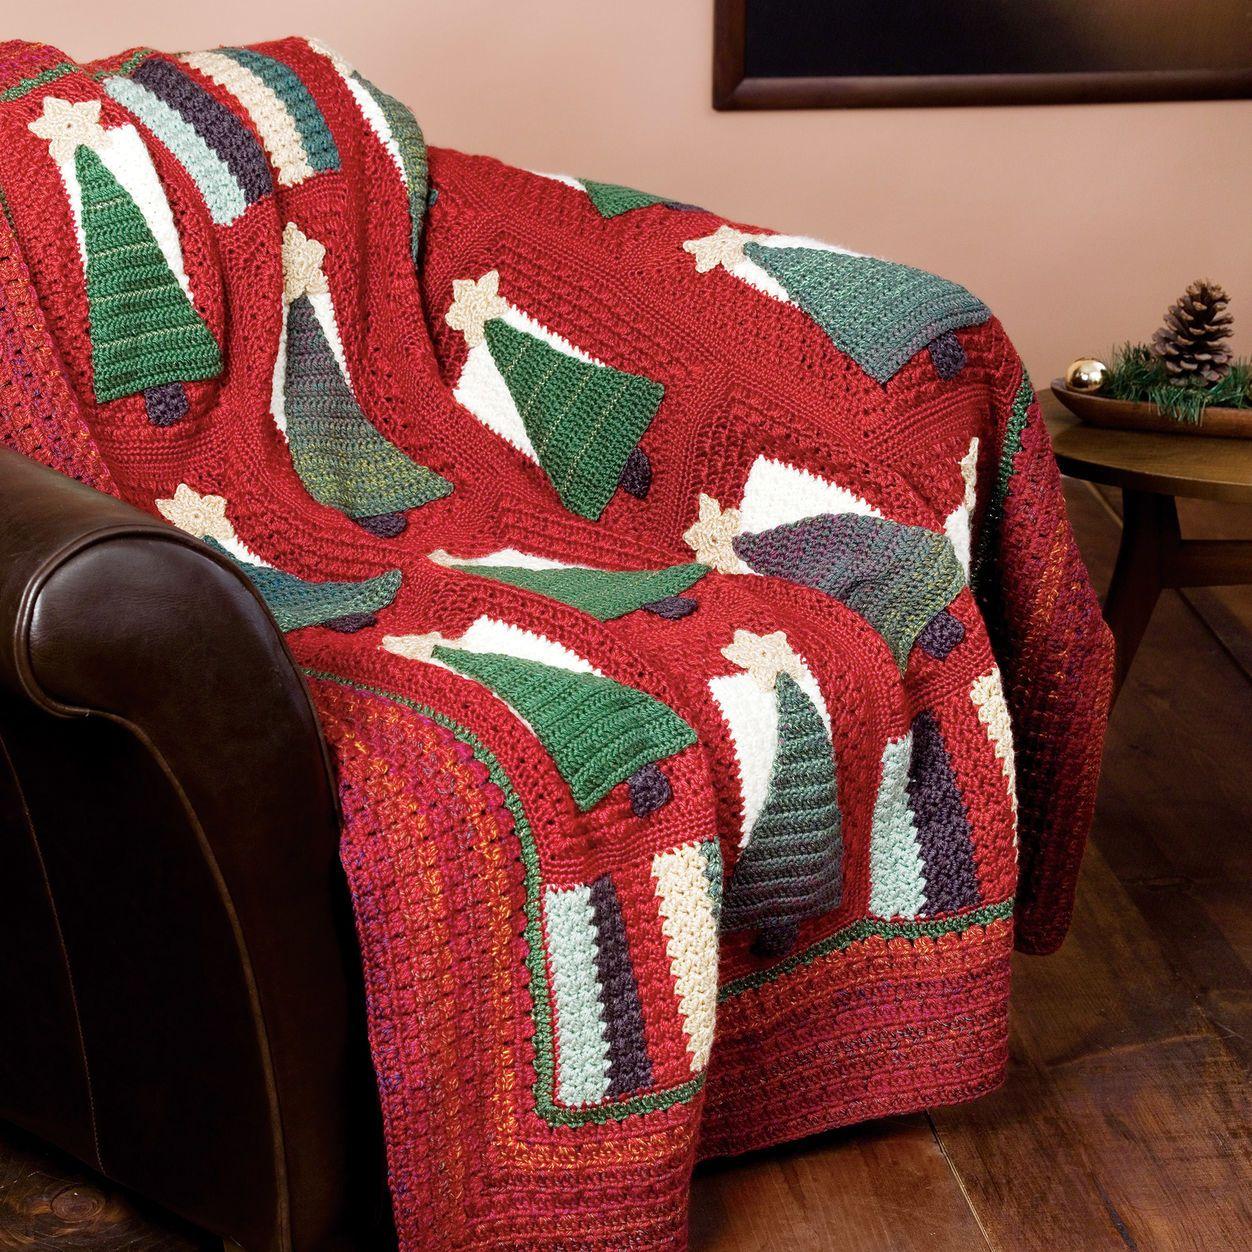 Caron Christmas Tree Throw | Yarnspirations | Christmas ...